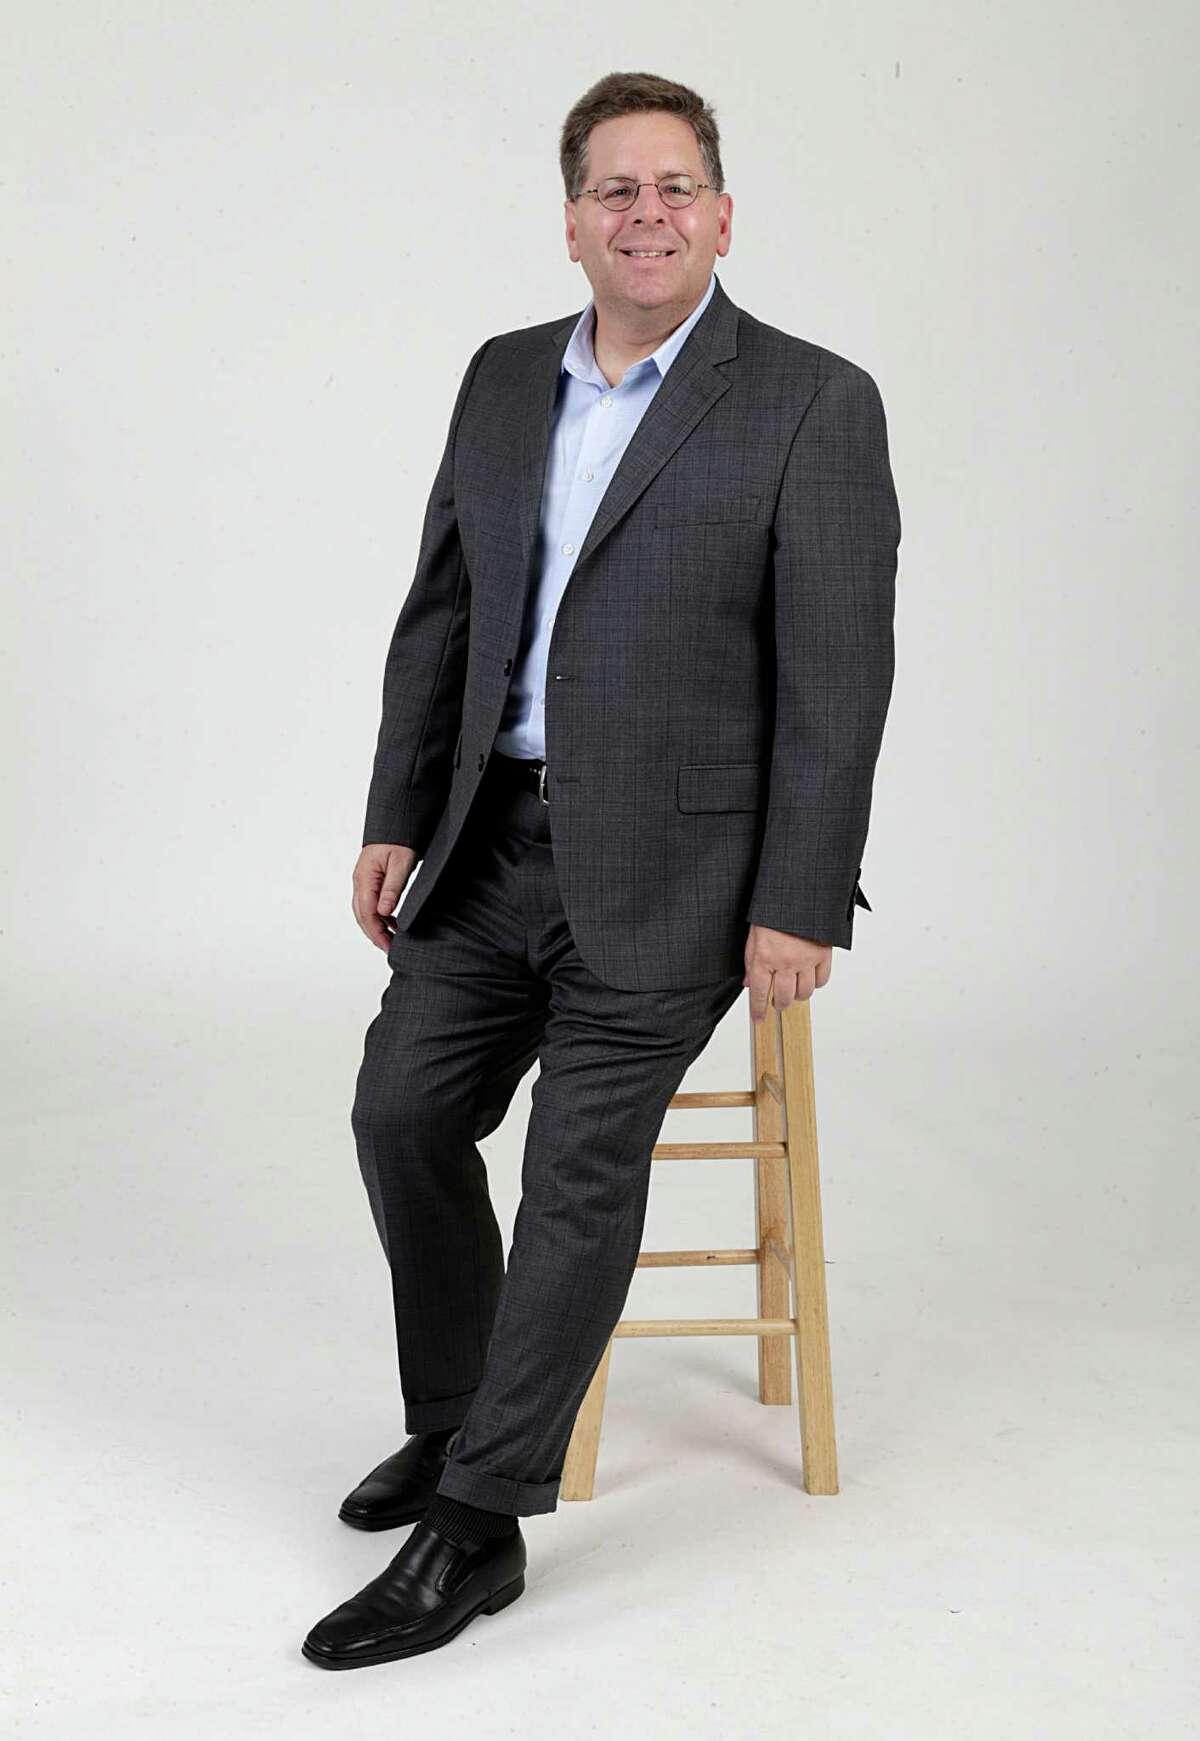 Jetco Delivery CEO Brian Fielkow.